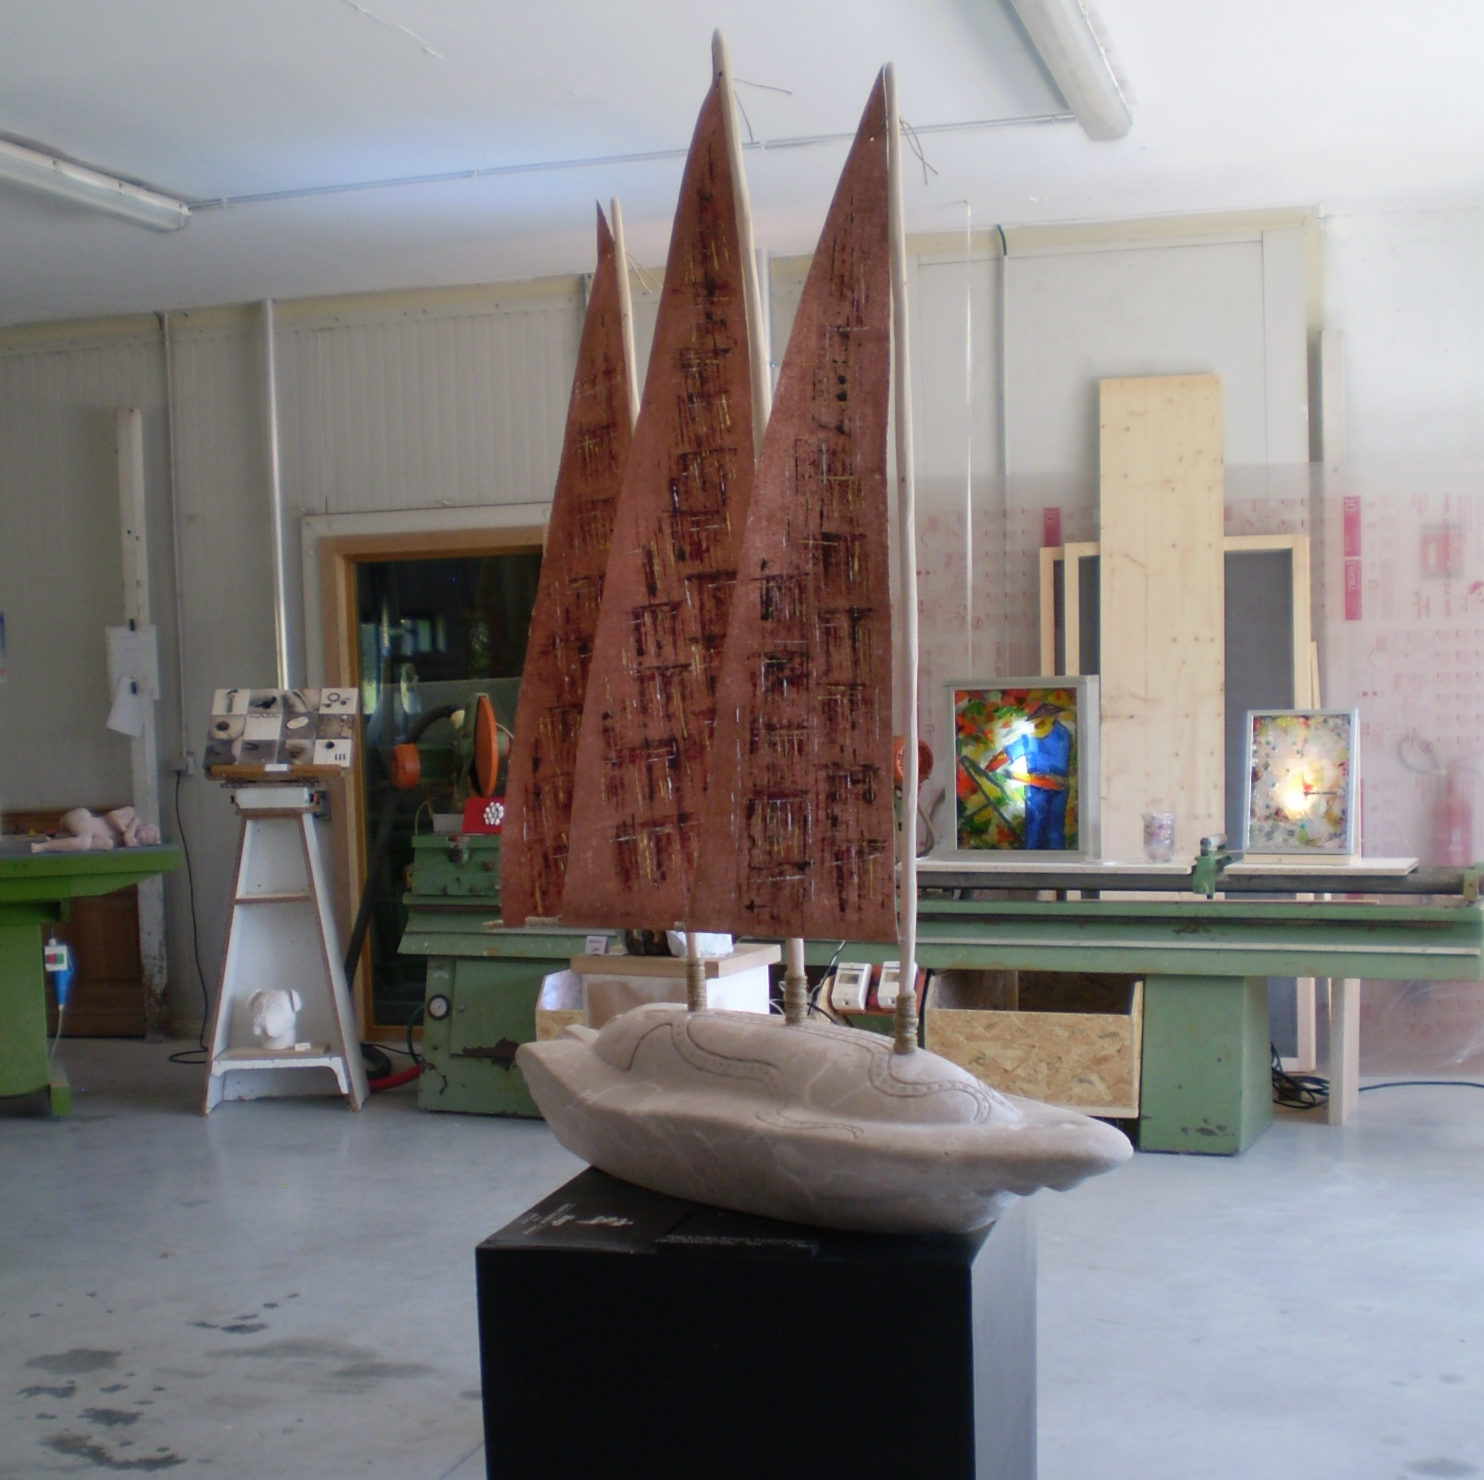 Bateau du sculpteur Hugo et voiles de l'artiste peintre Audrey Roccaro